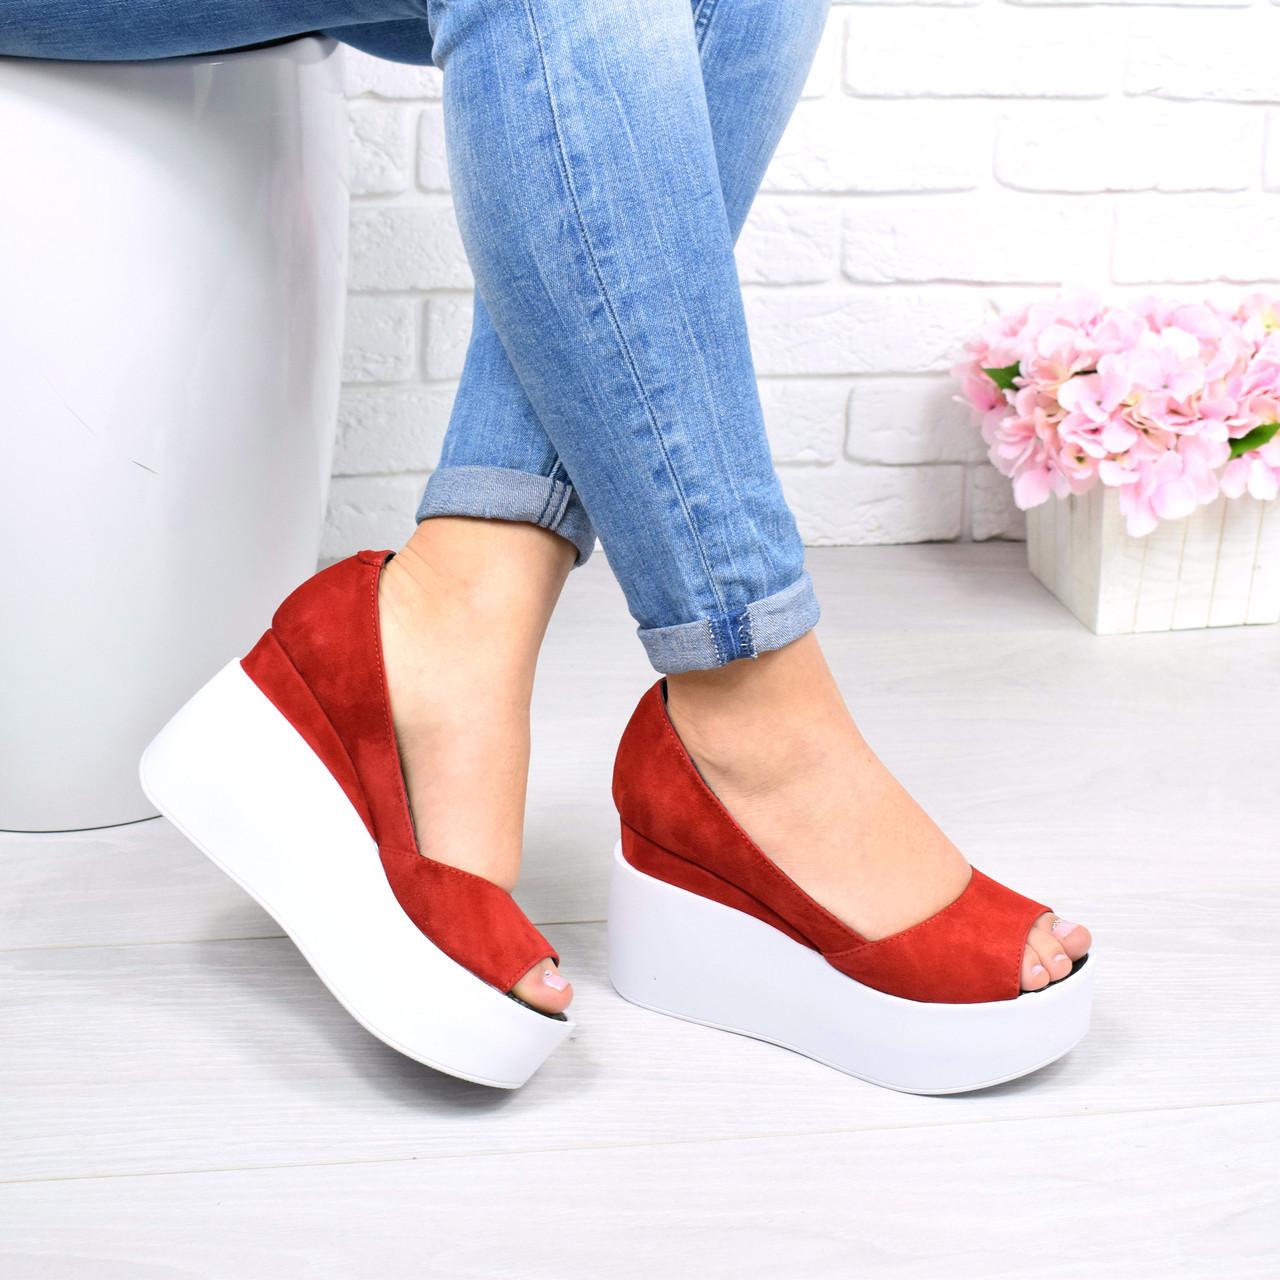 Туфли женские Lessa красные 4351, размер 38 балетки женские